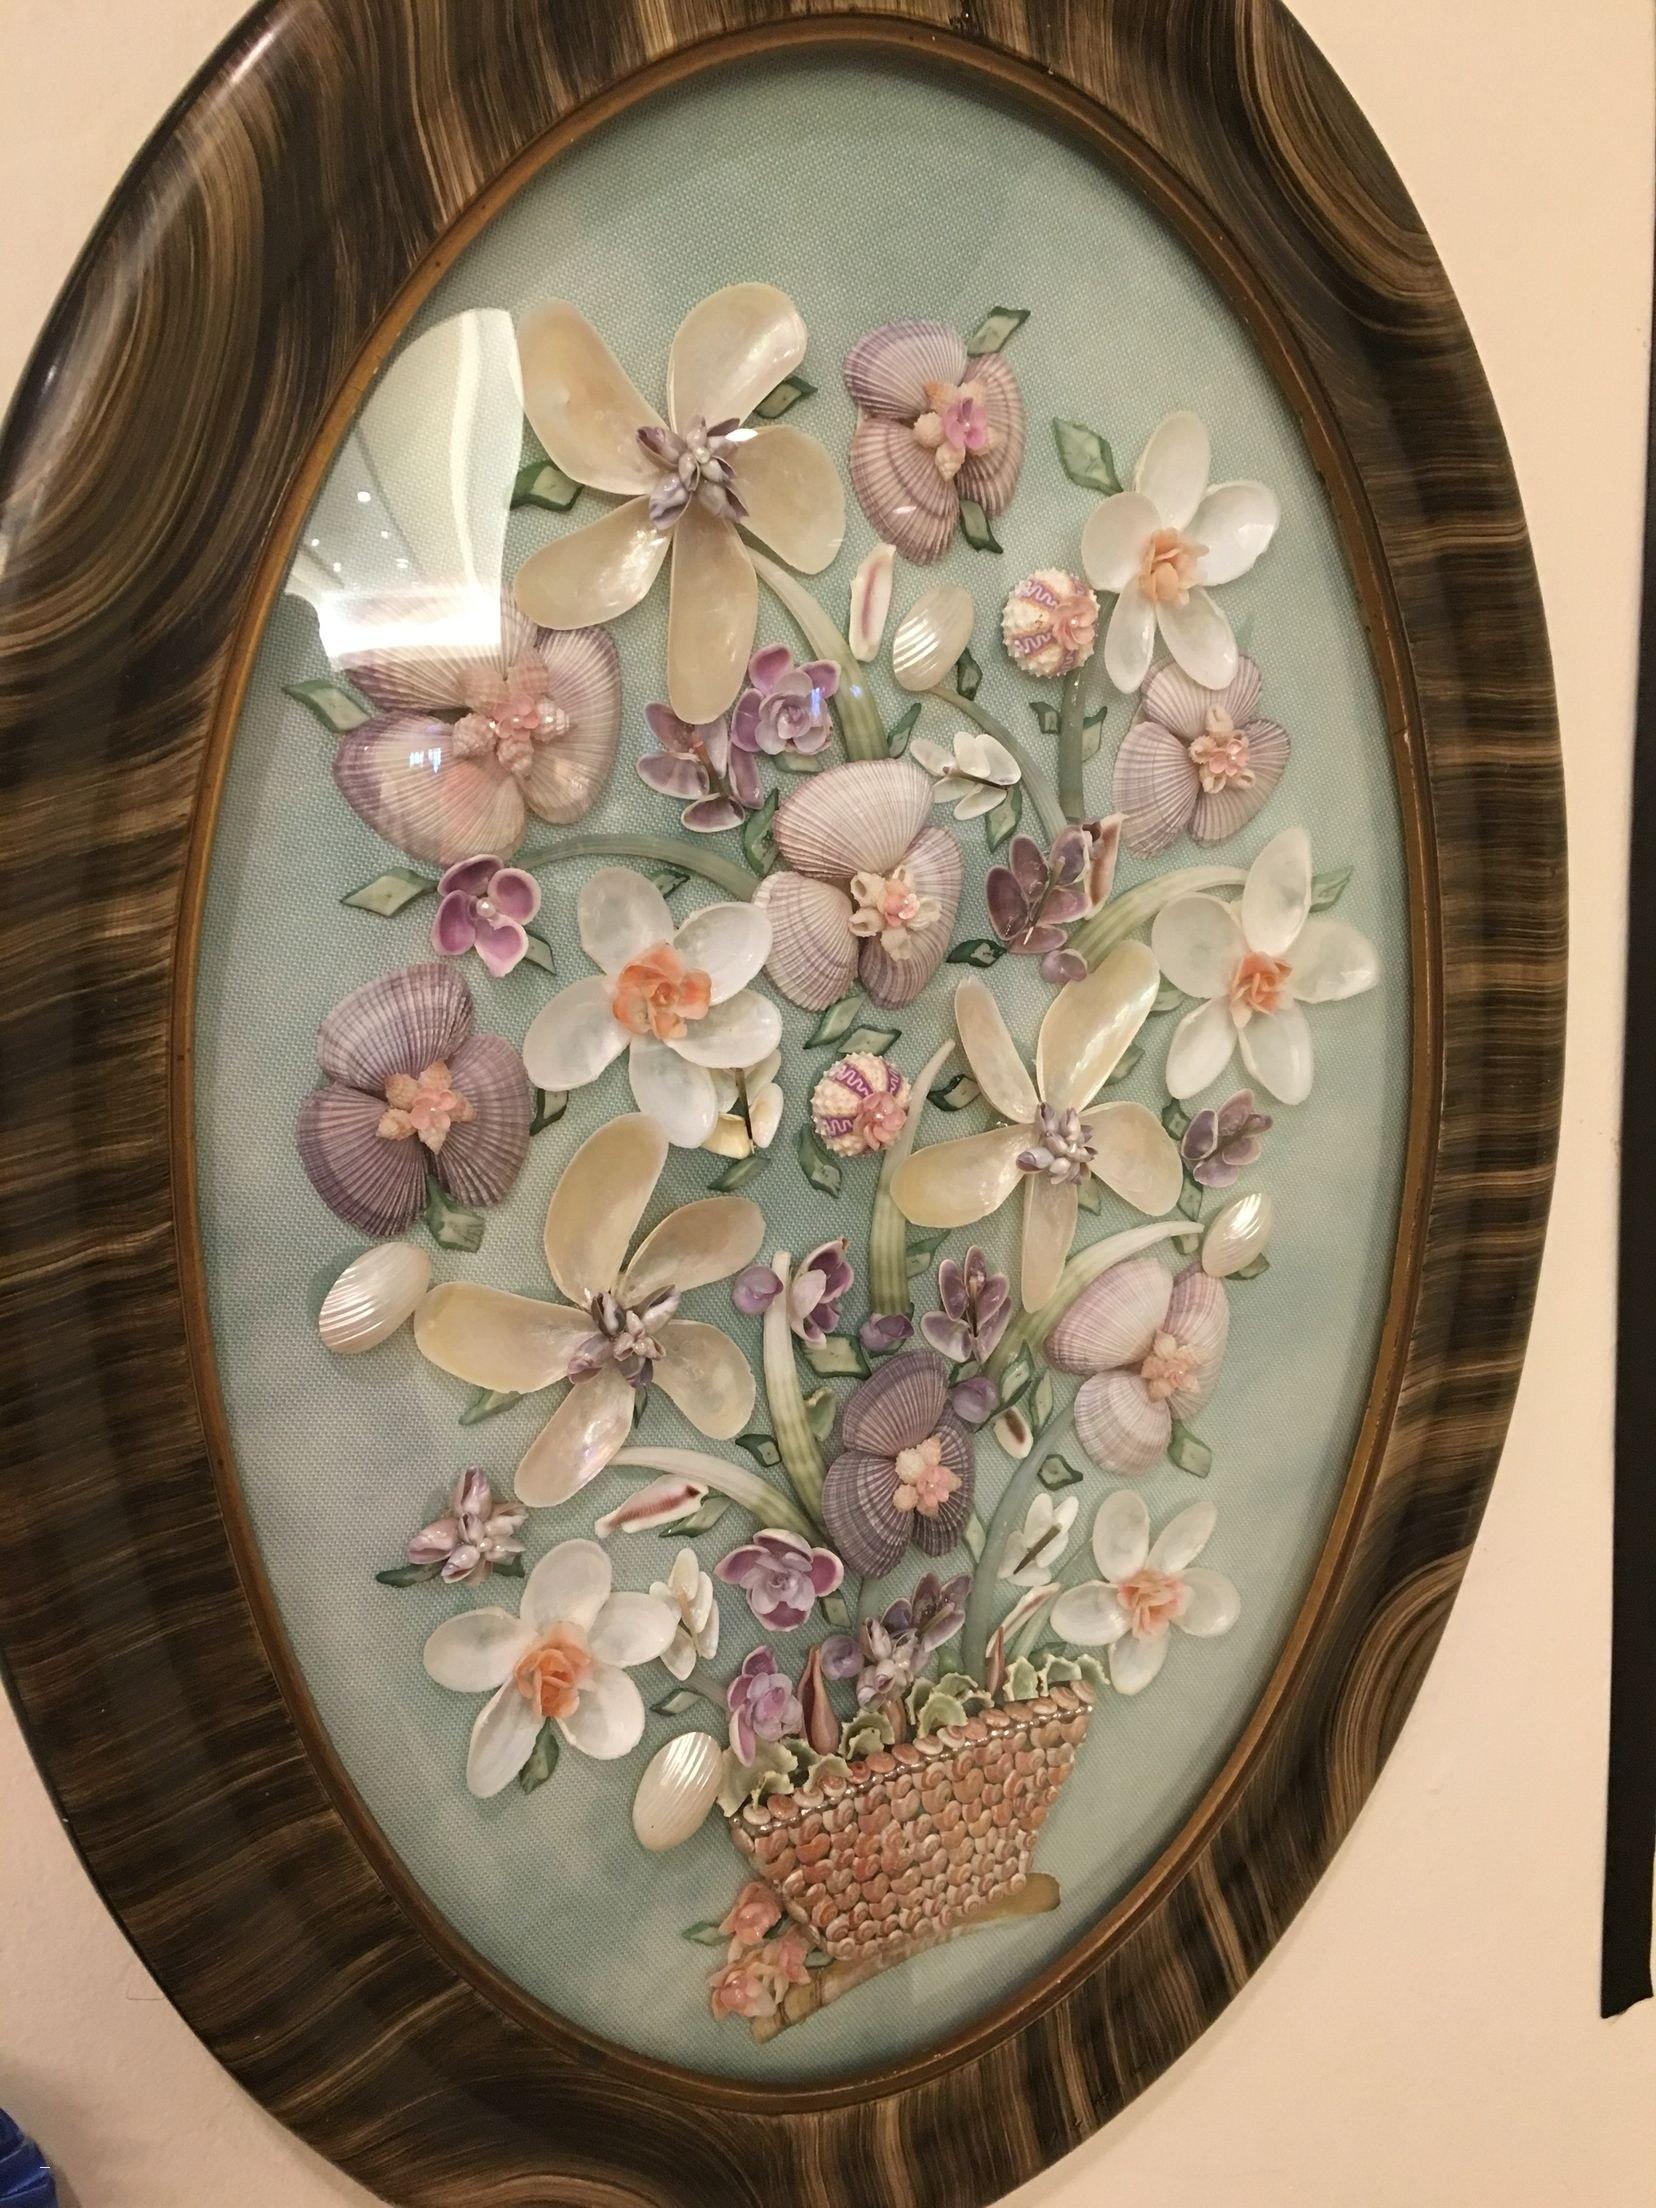 Malvorlagen Blumen Rosen Das Beste Von Karte Blumen Neuestes S S Media Cache Ak0 Pinimg originals 0d F2 3a Bilder